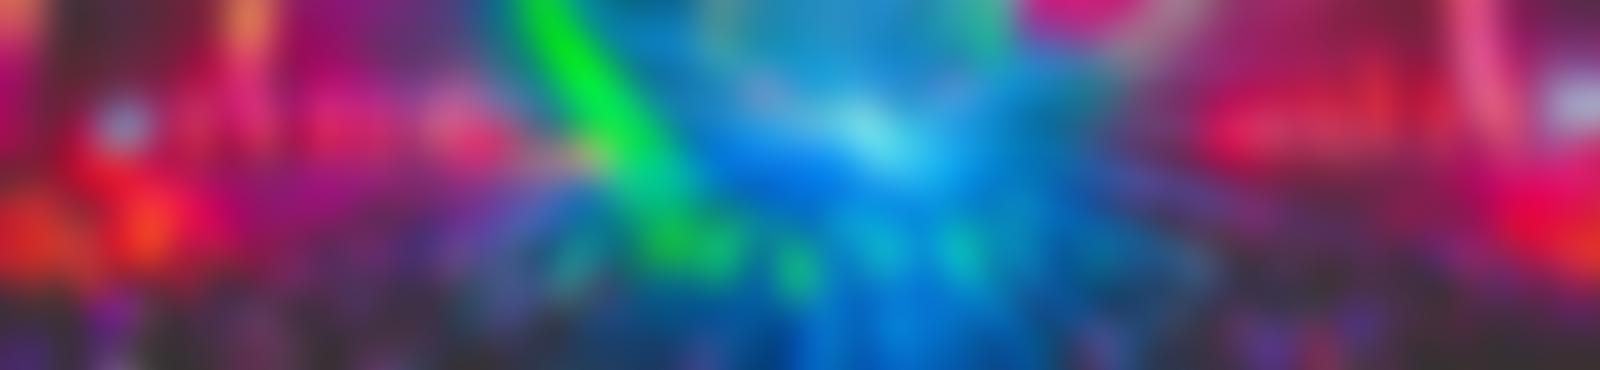 Blurred 12095093 1204314806251429 1681523822766672730 o